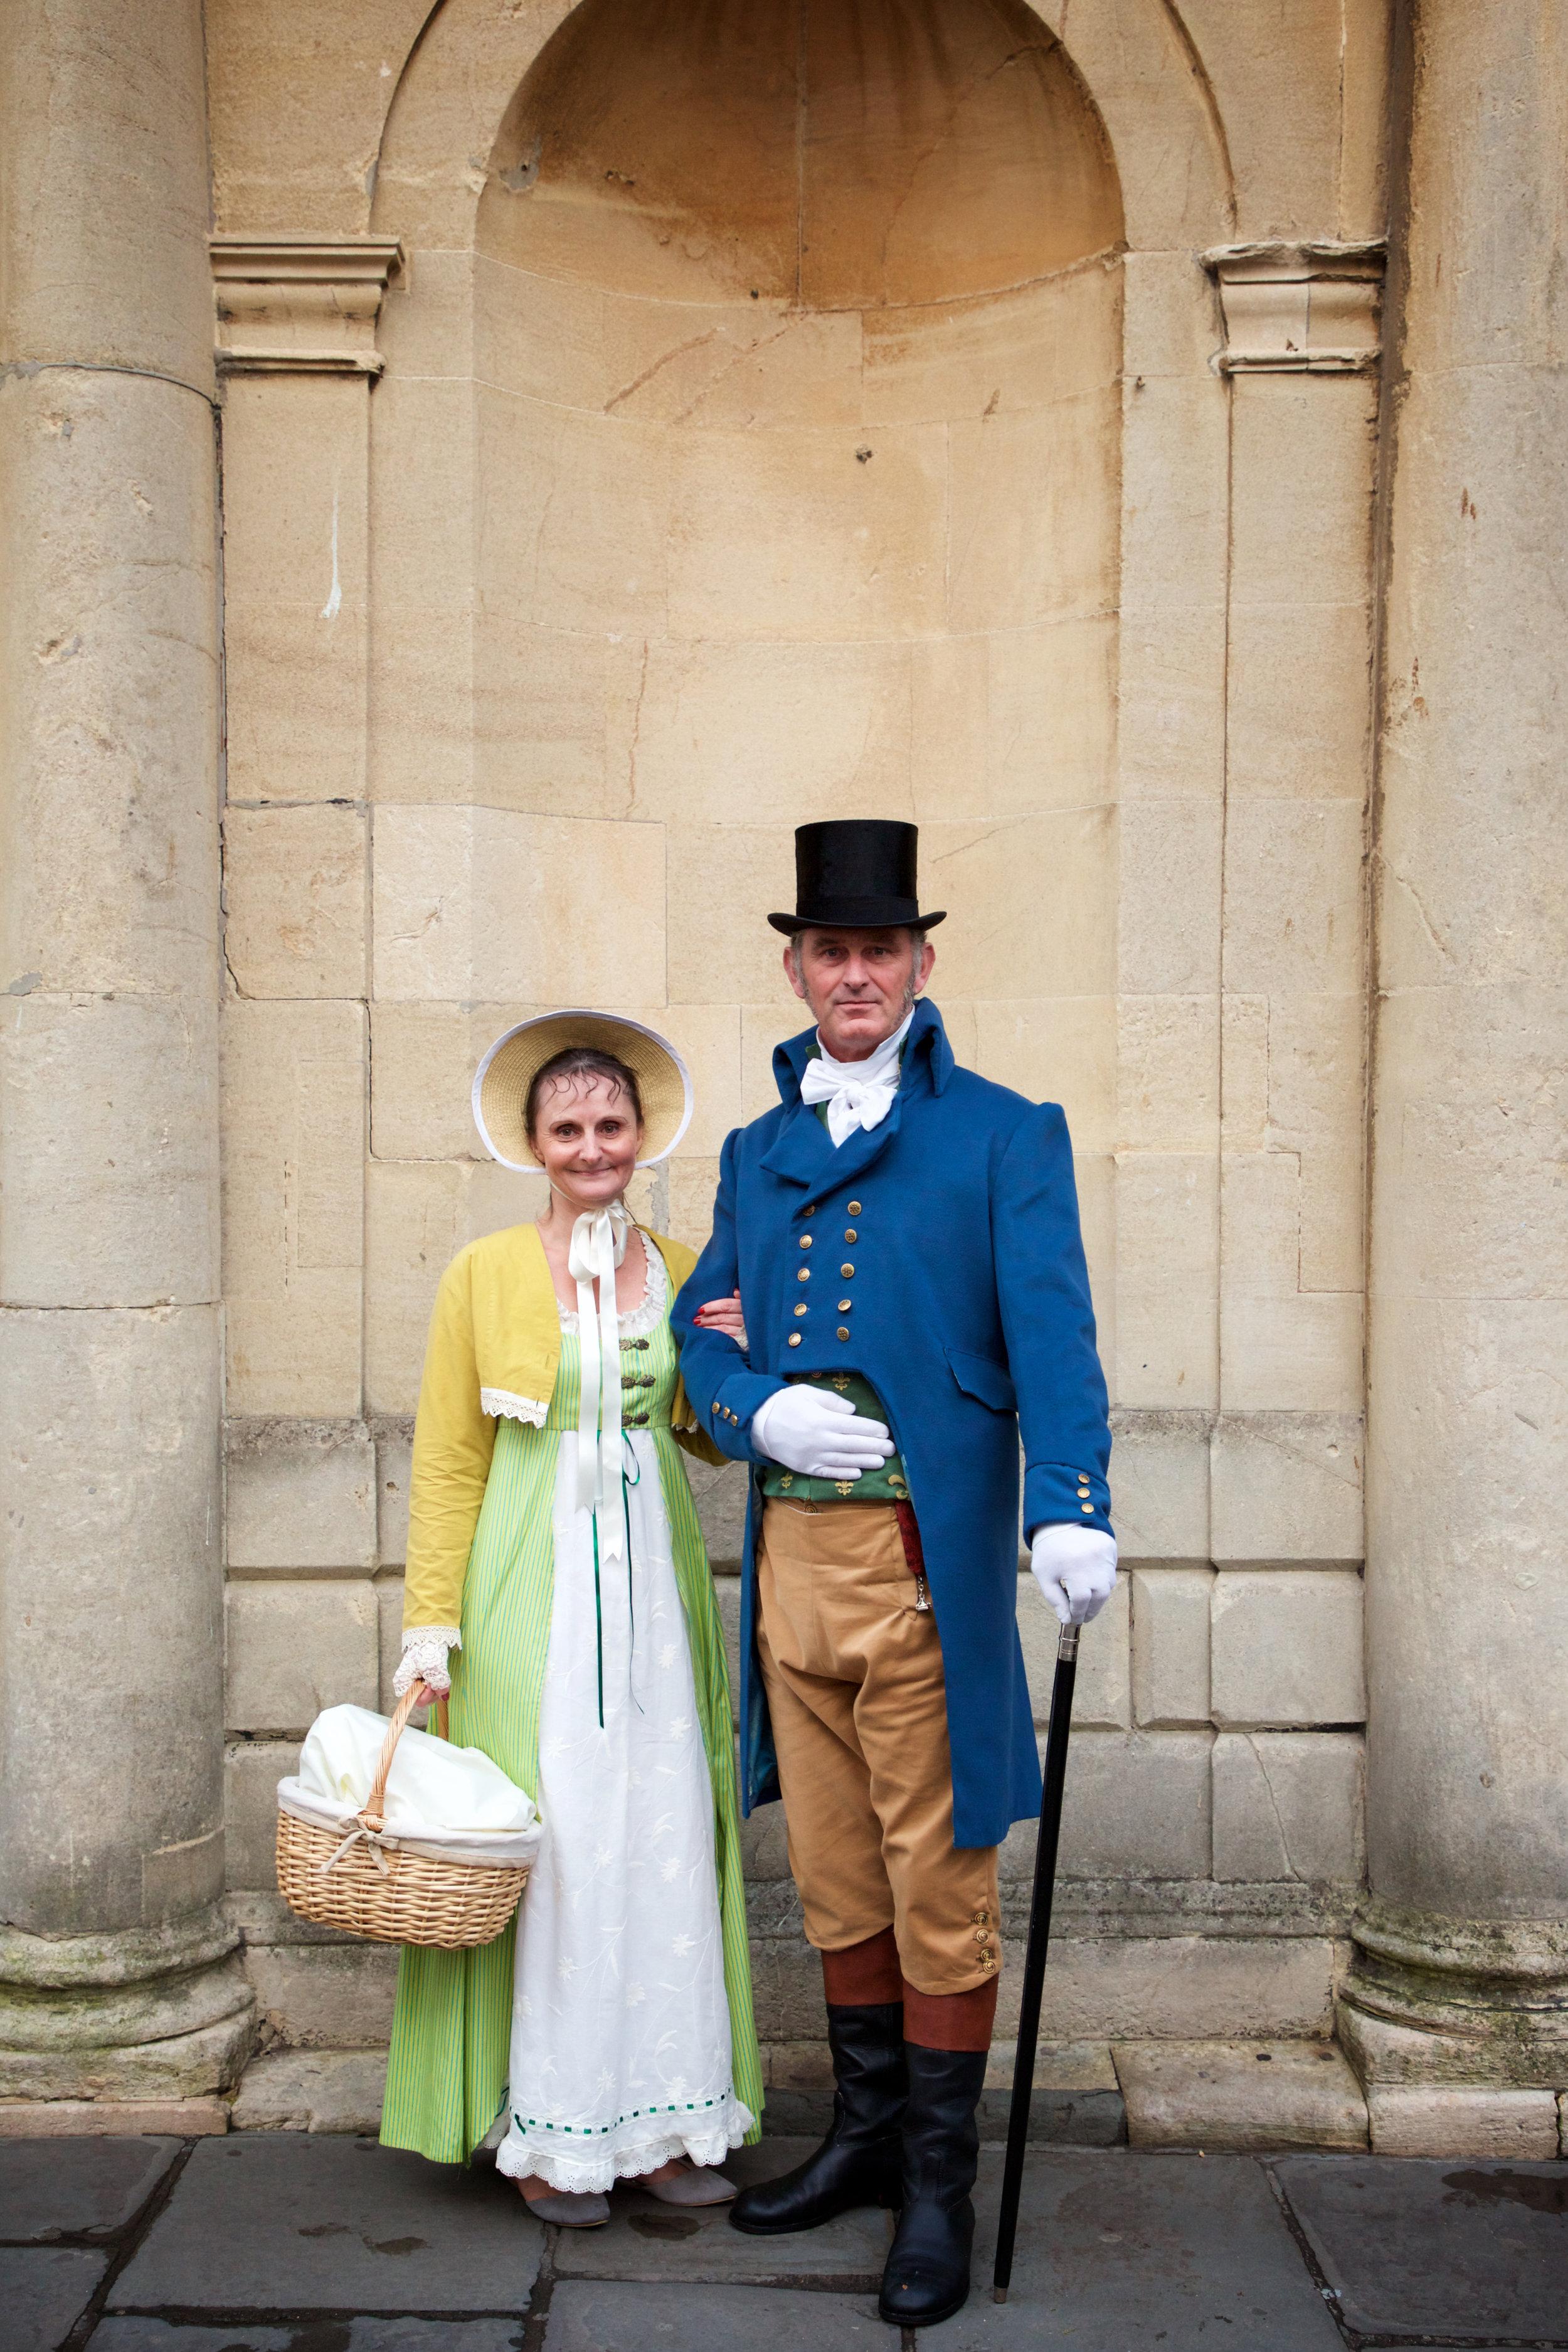 Jane_Austen_Festival_(41).jpg